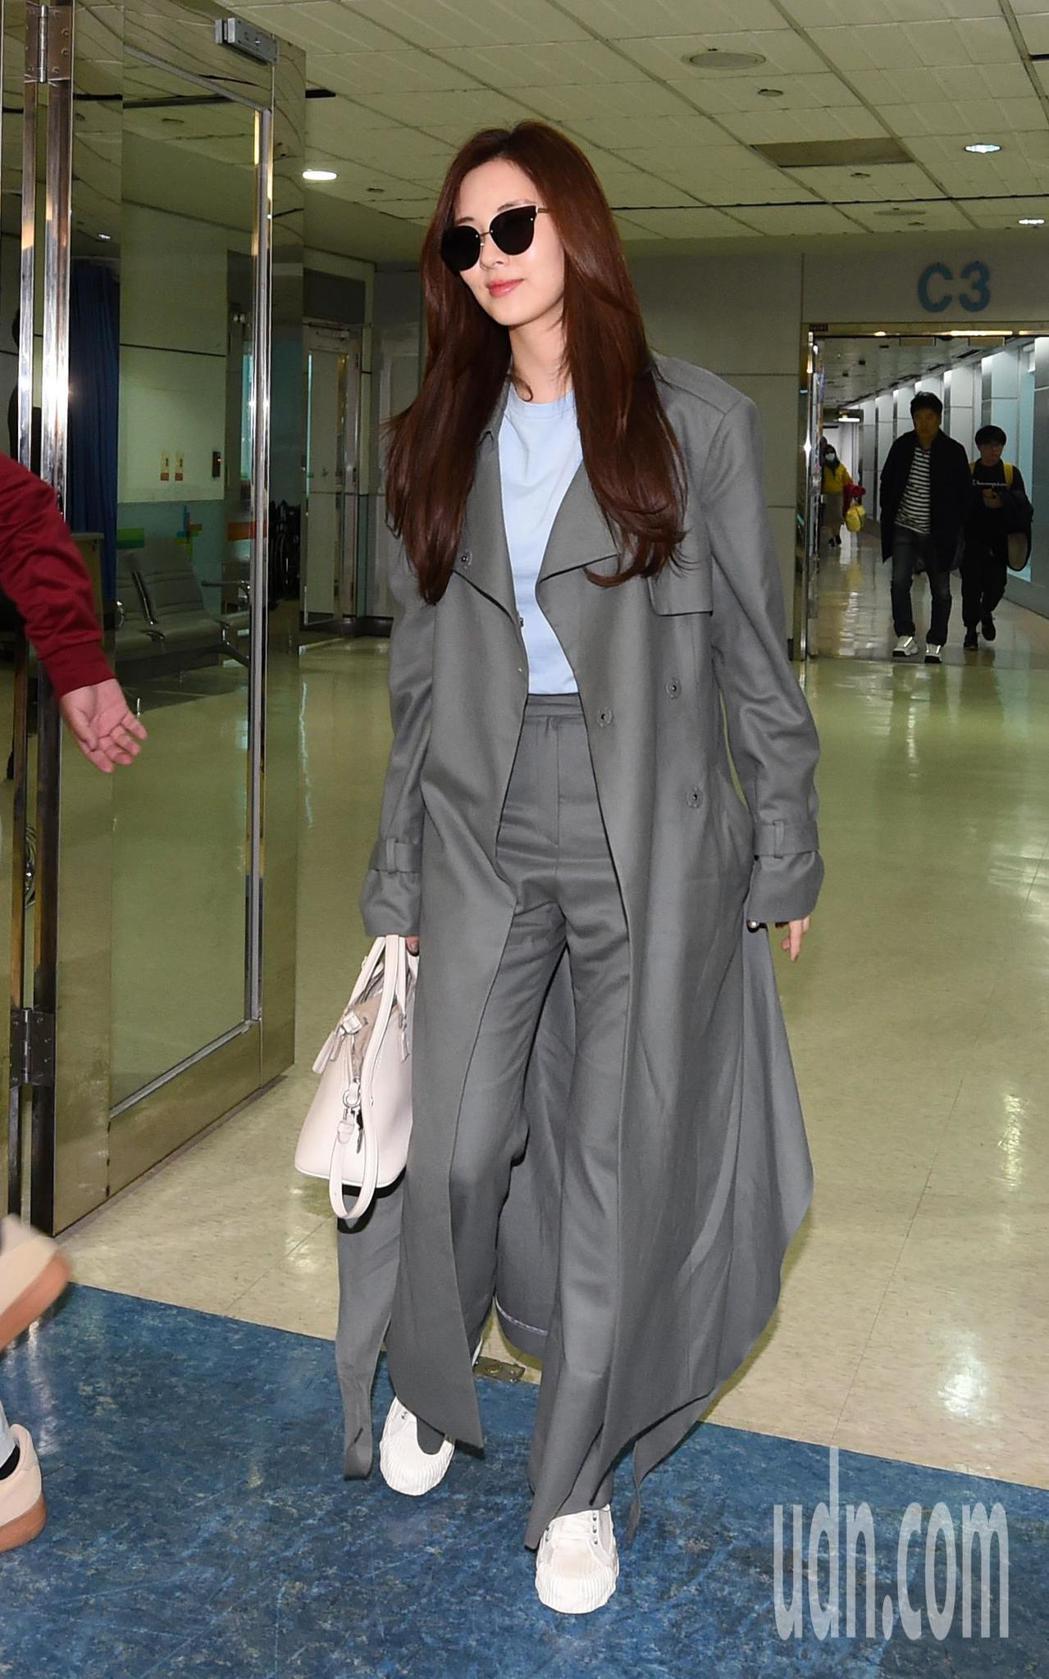 少女時代的徐玄下午搭機抵台,徐玄親切地跟粉絲及媒體打招呼。記者鄭超文/攝影